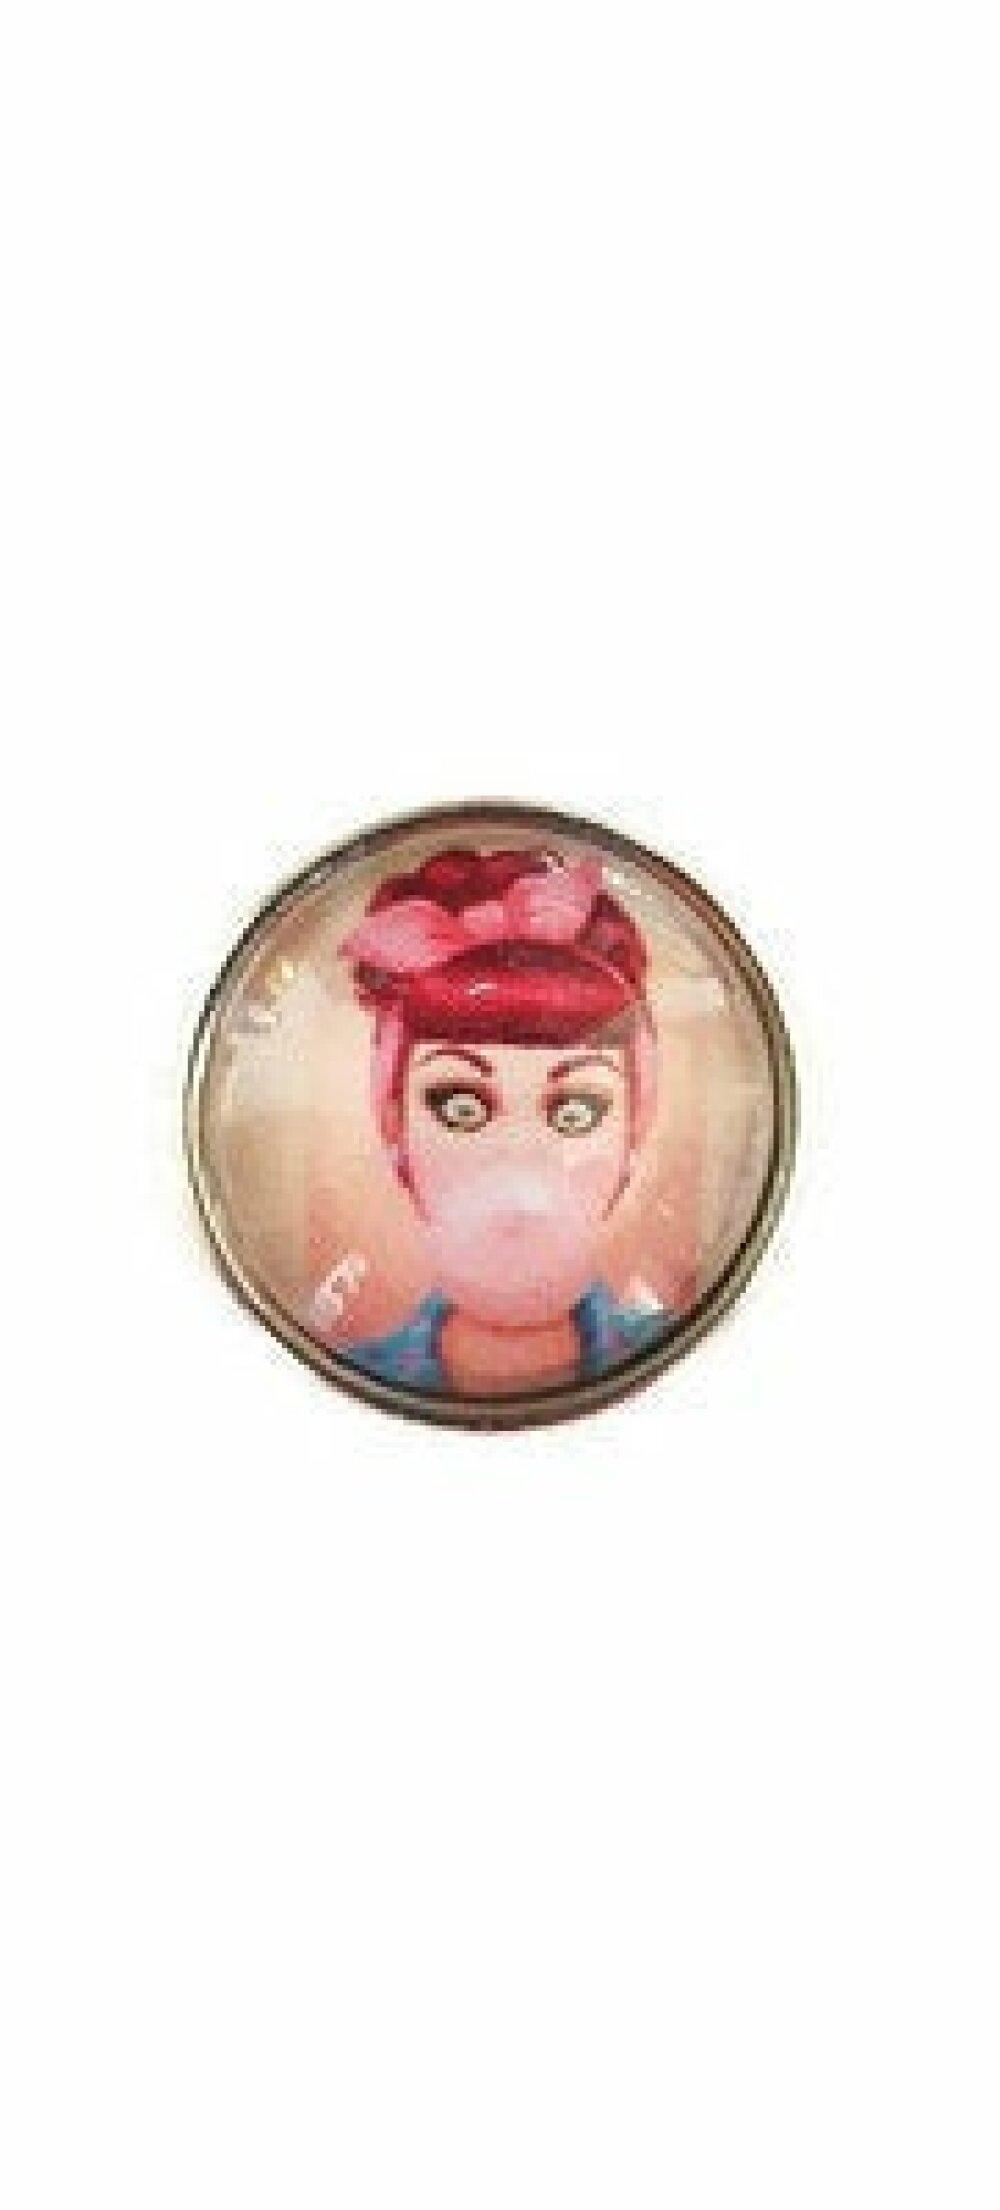 bouton pression à cabochon de verre 18mm femme avec bulle de chewing gum style vintage.